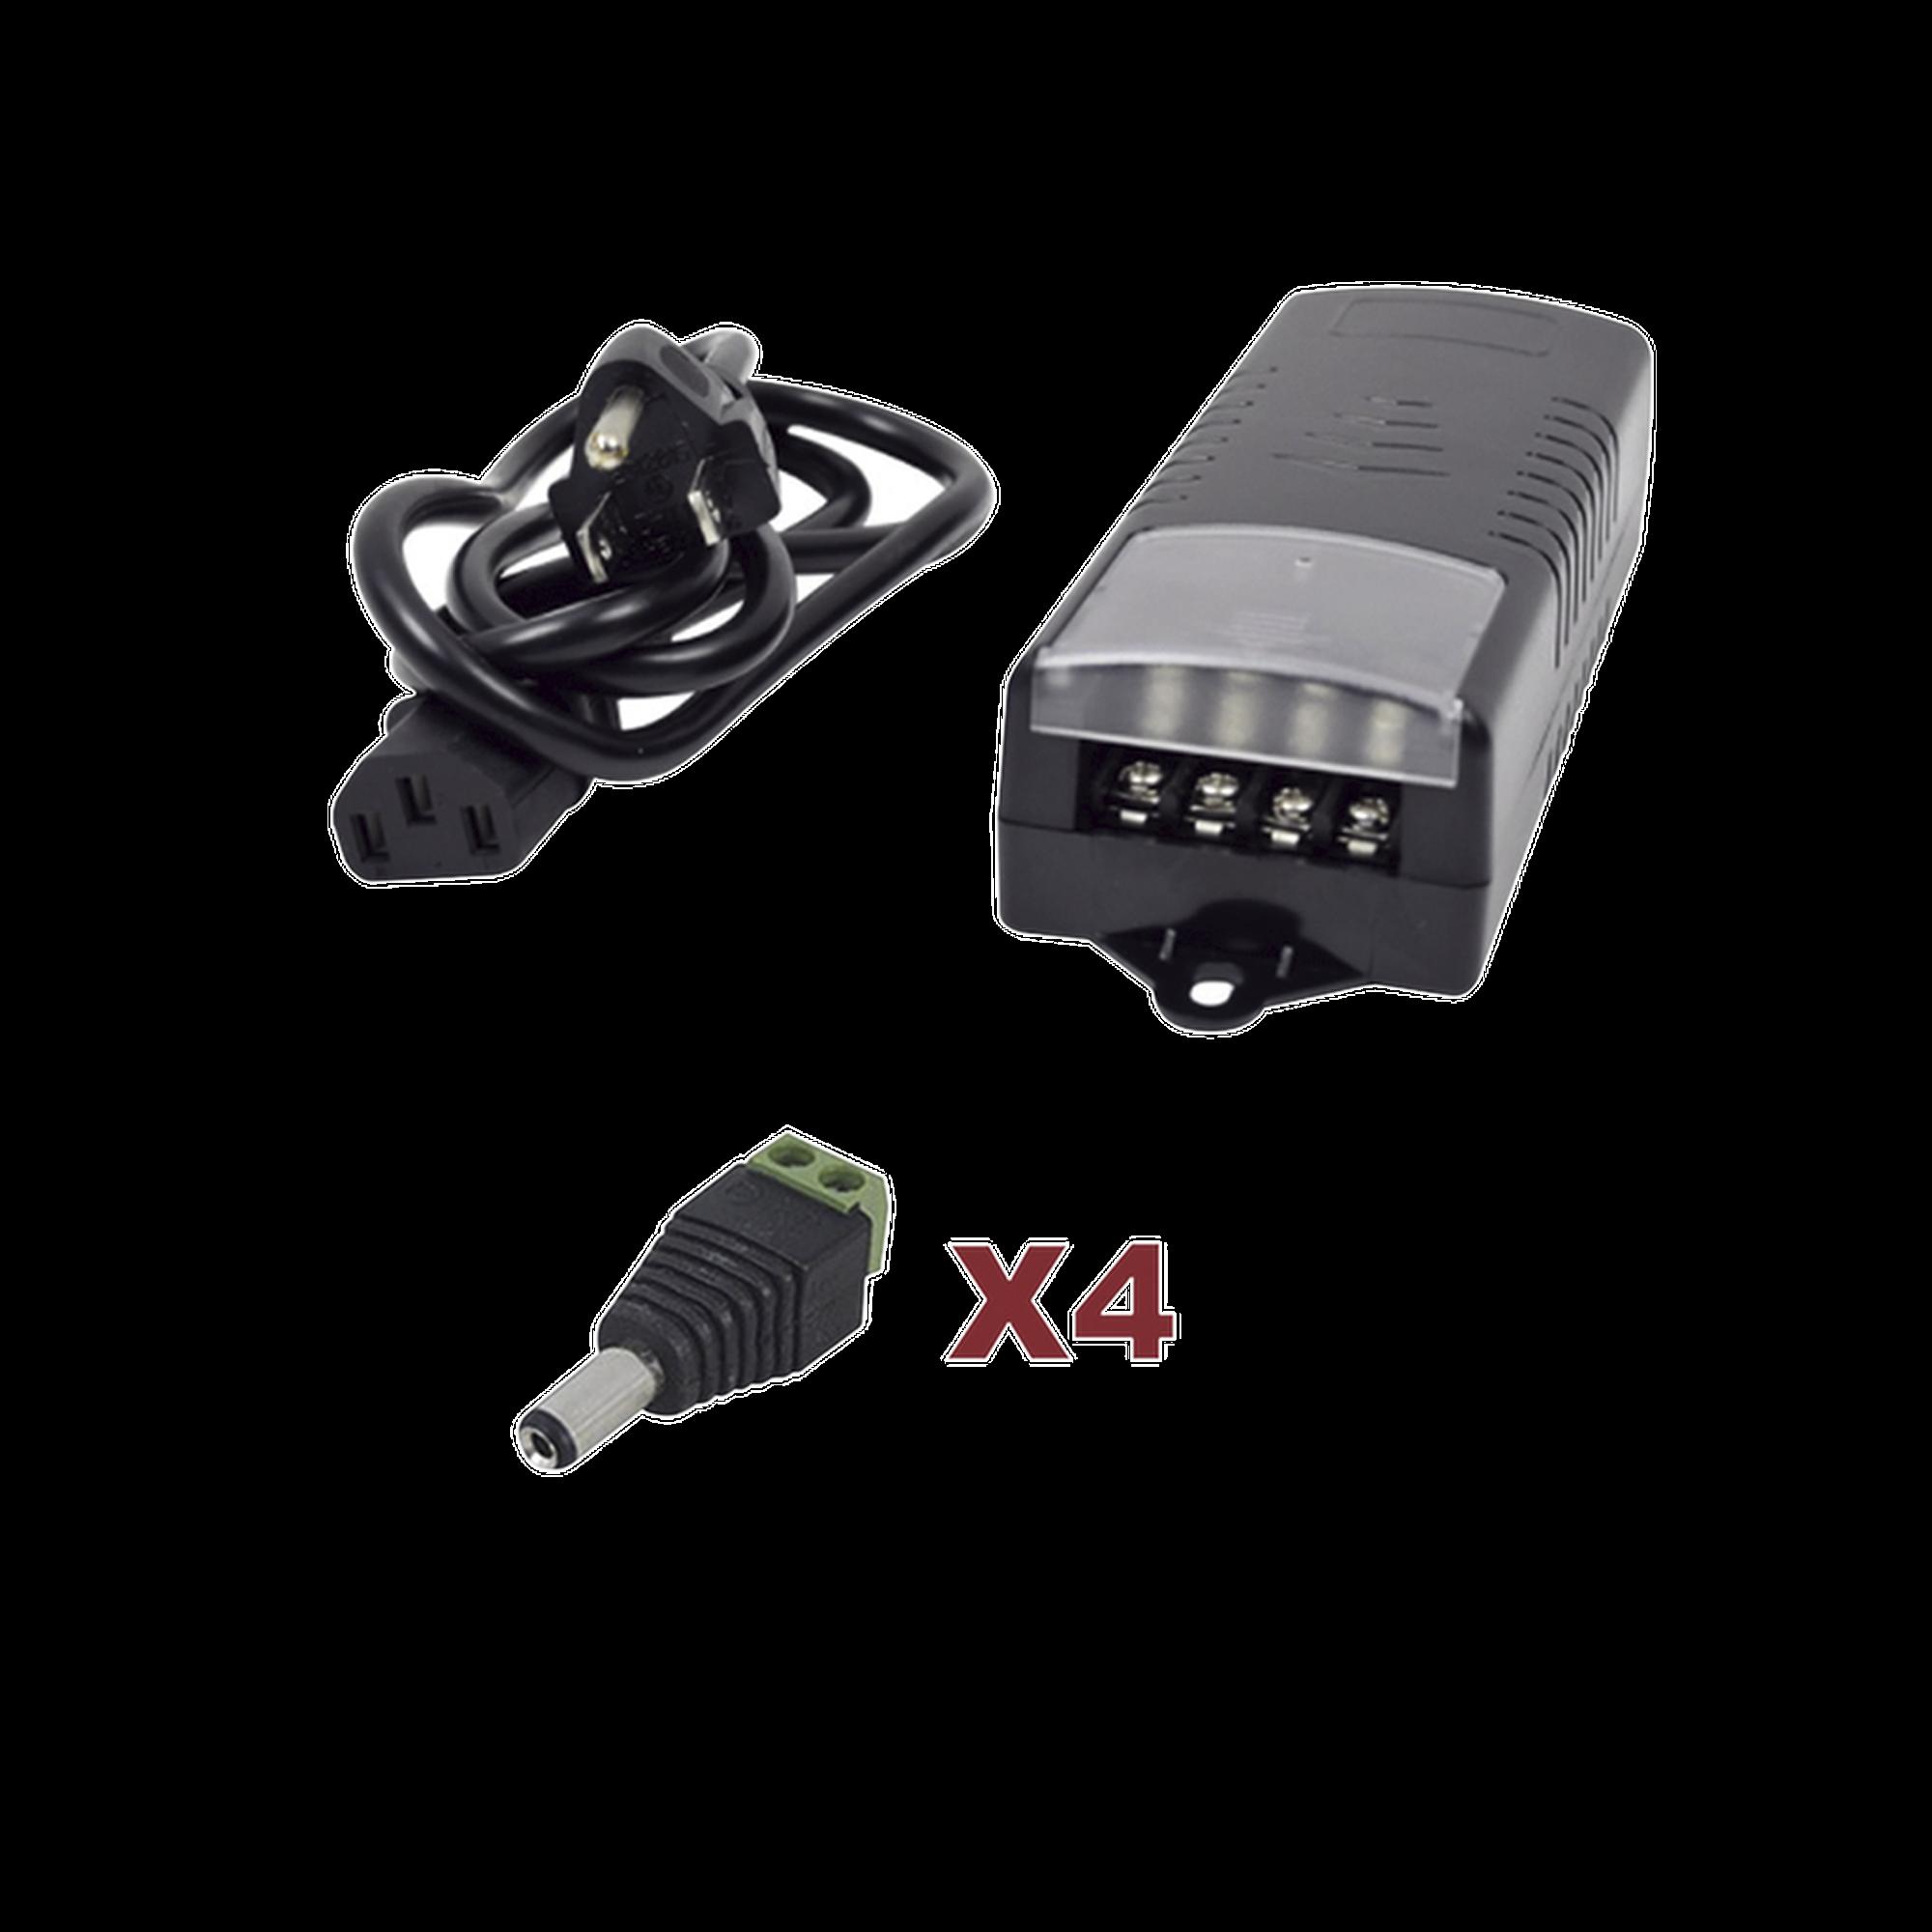 Kit con fuente EPCOM con salida de 12 Vcd a 5 Amper con 4 salidas / Incluye conectores JR52 y JR53